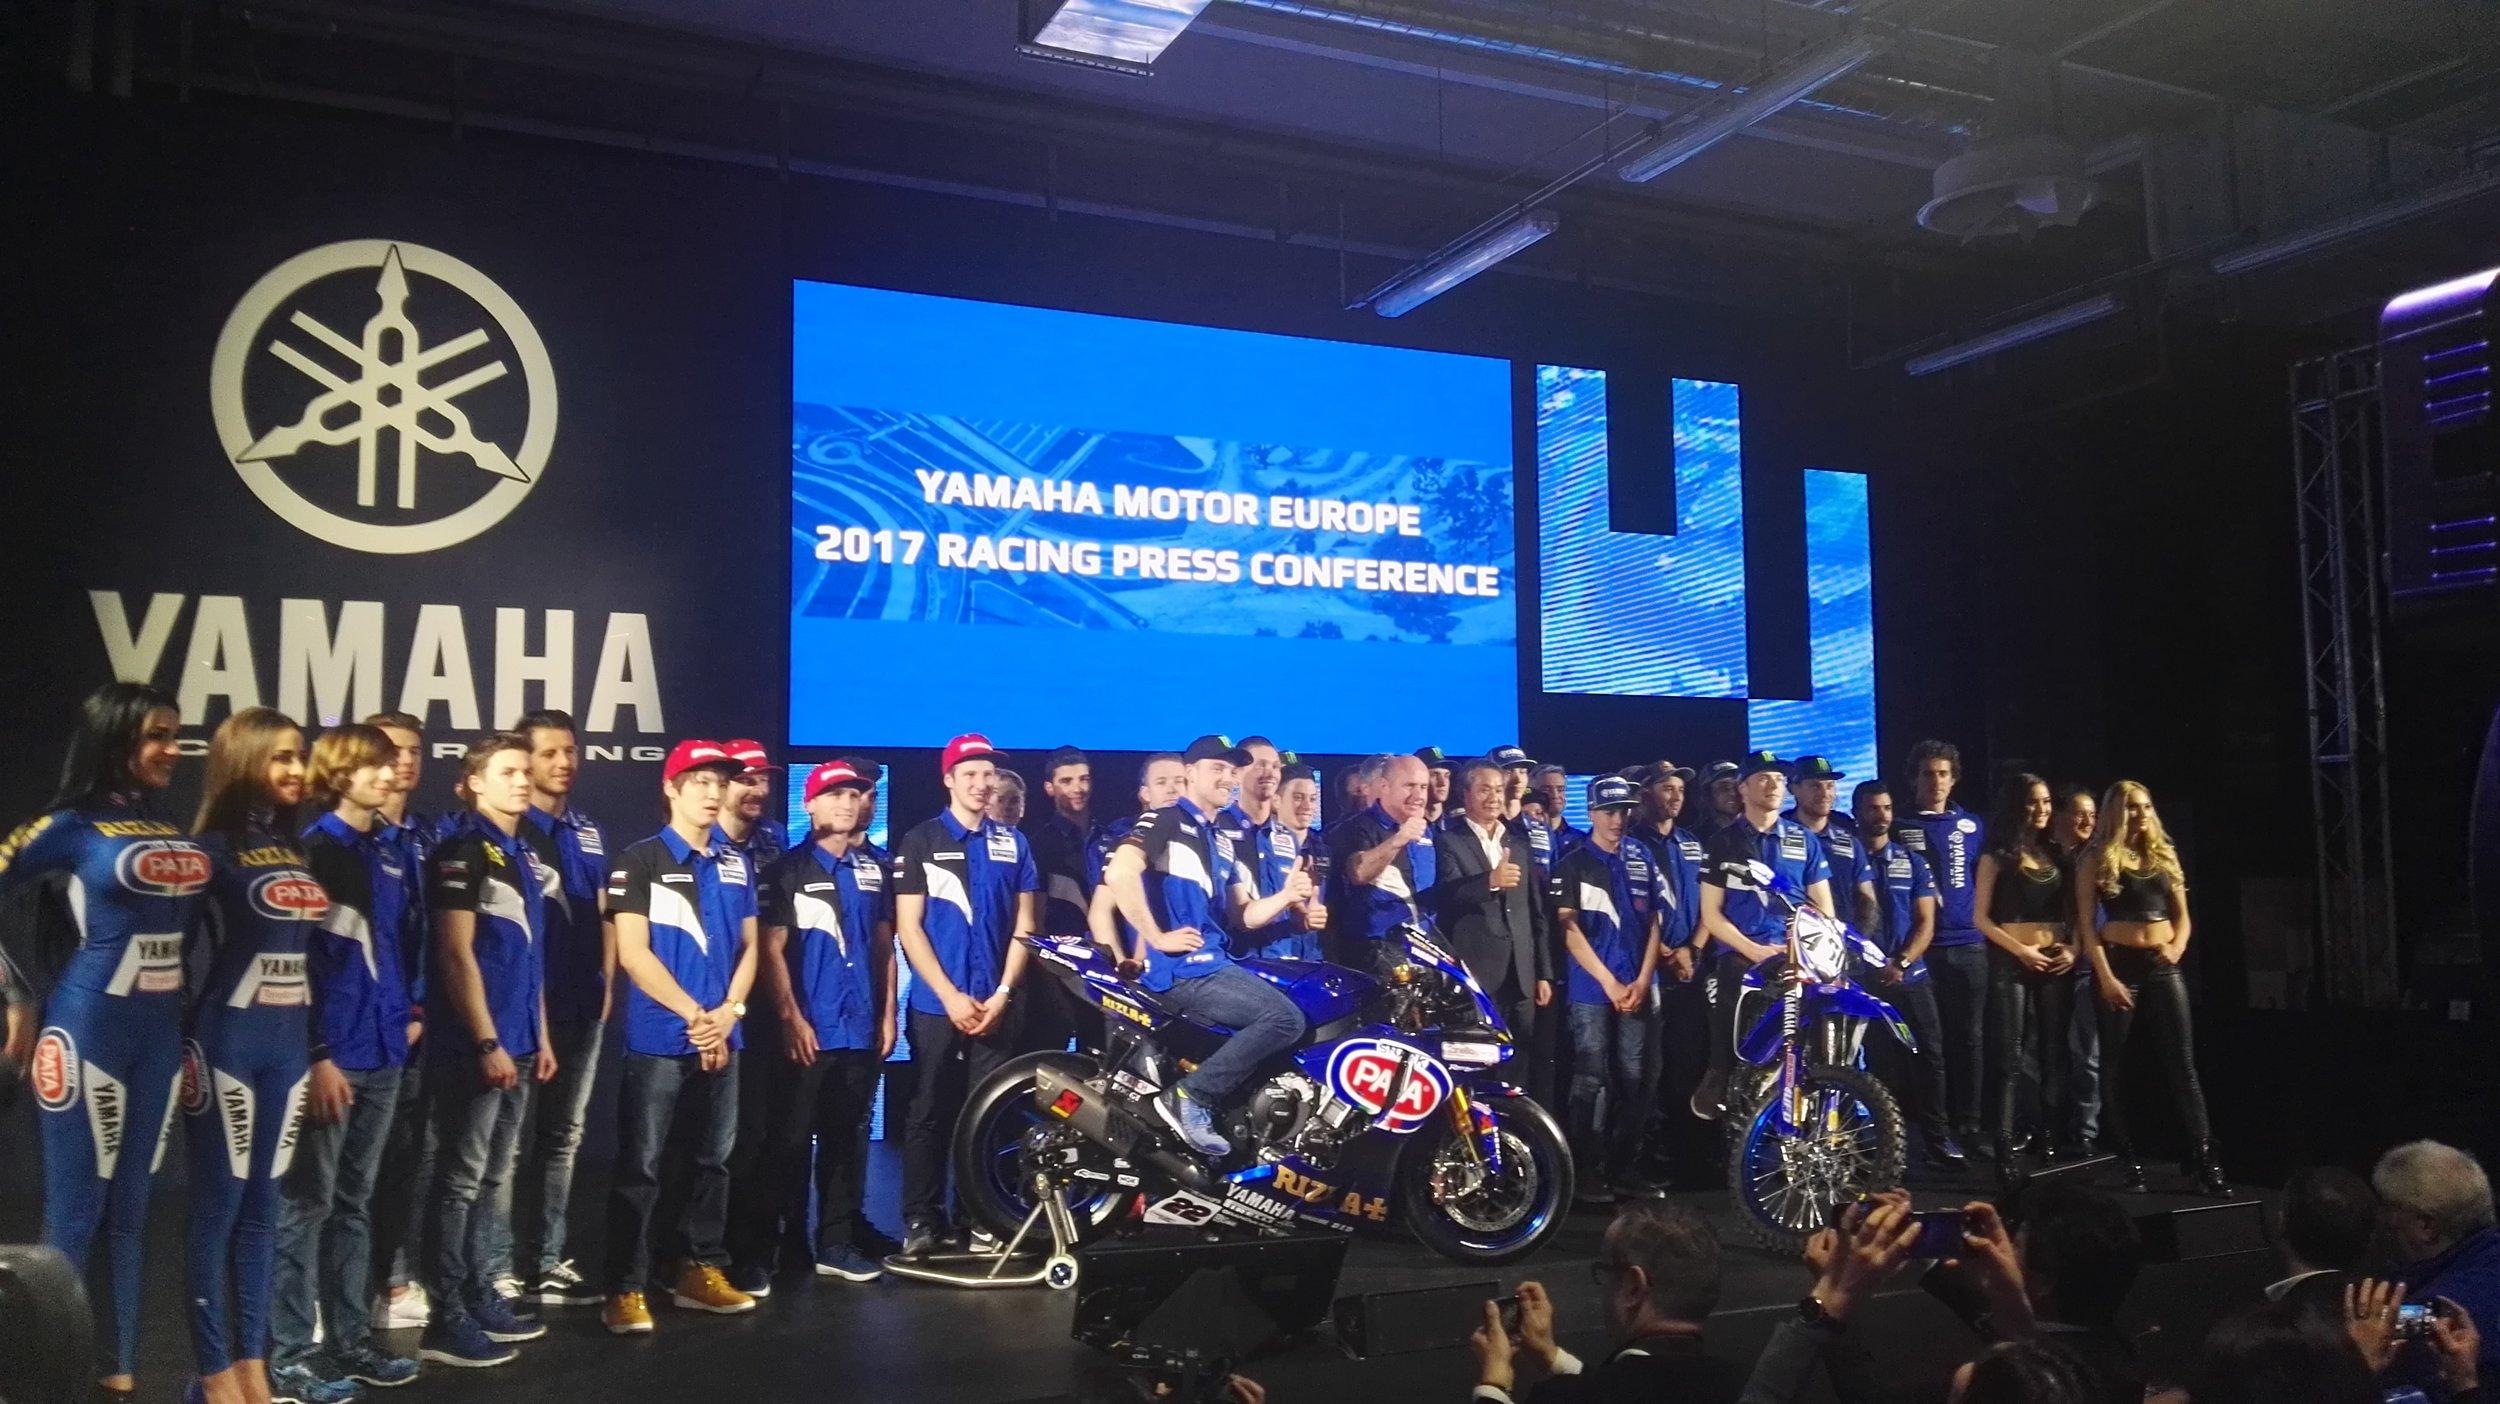 Conference Yamaha Motor Europe 2017